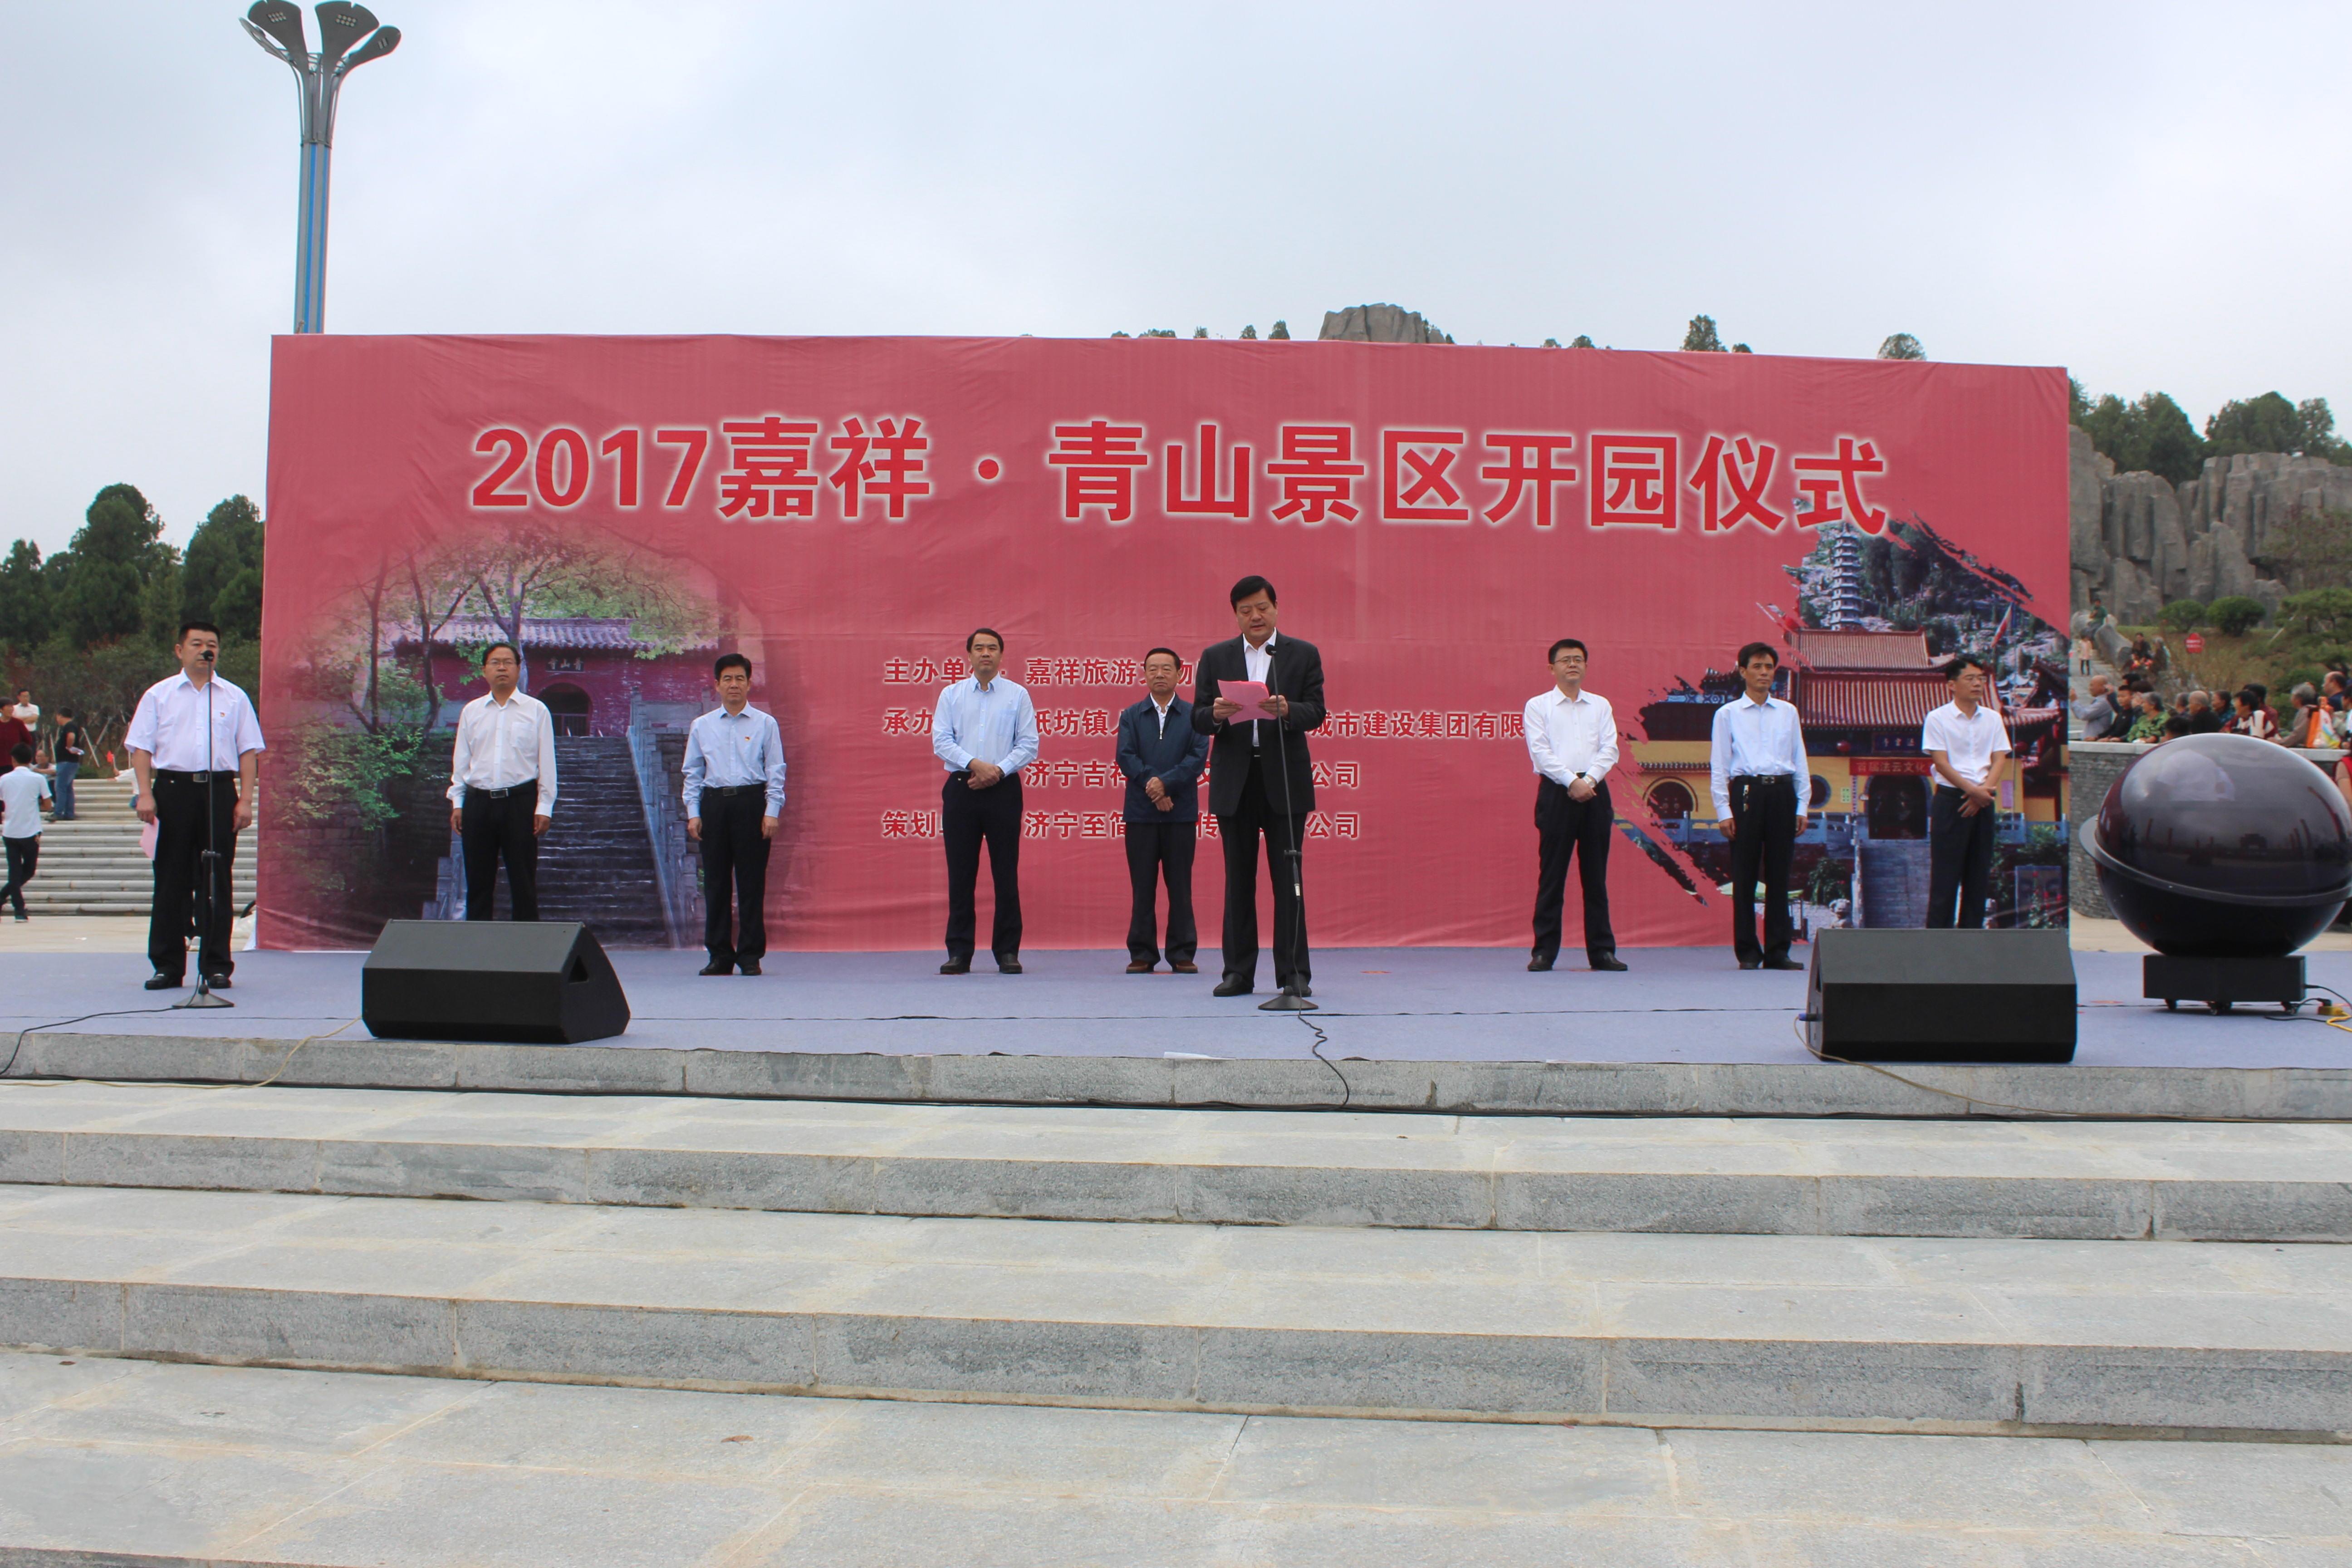 在致辞中,杨凤东主任代表市旅发委对嘉祥县青山景区开园表示祝贺,对